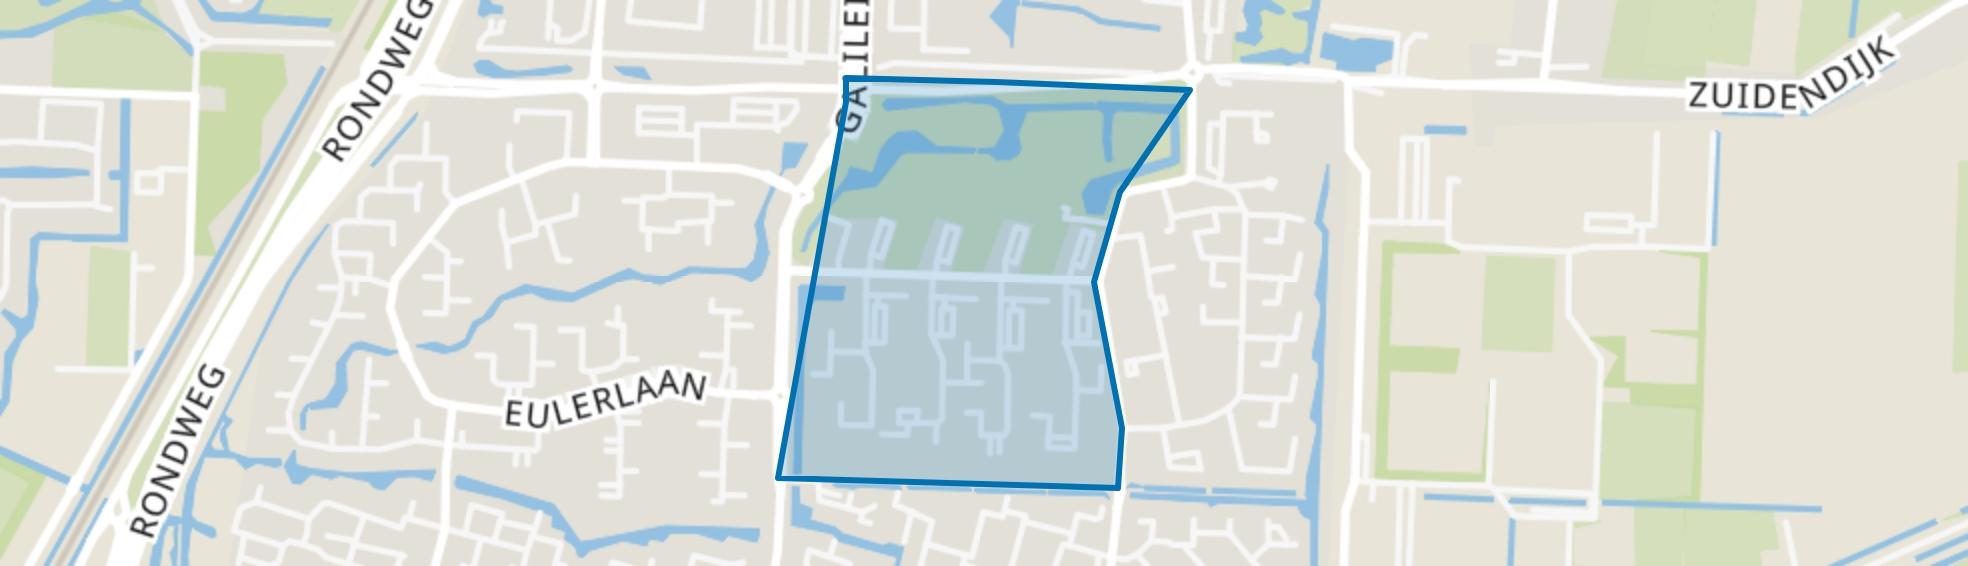 Blaauwweg en omgeving, Dordrecht map